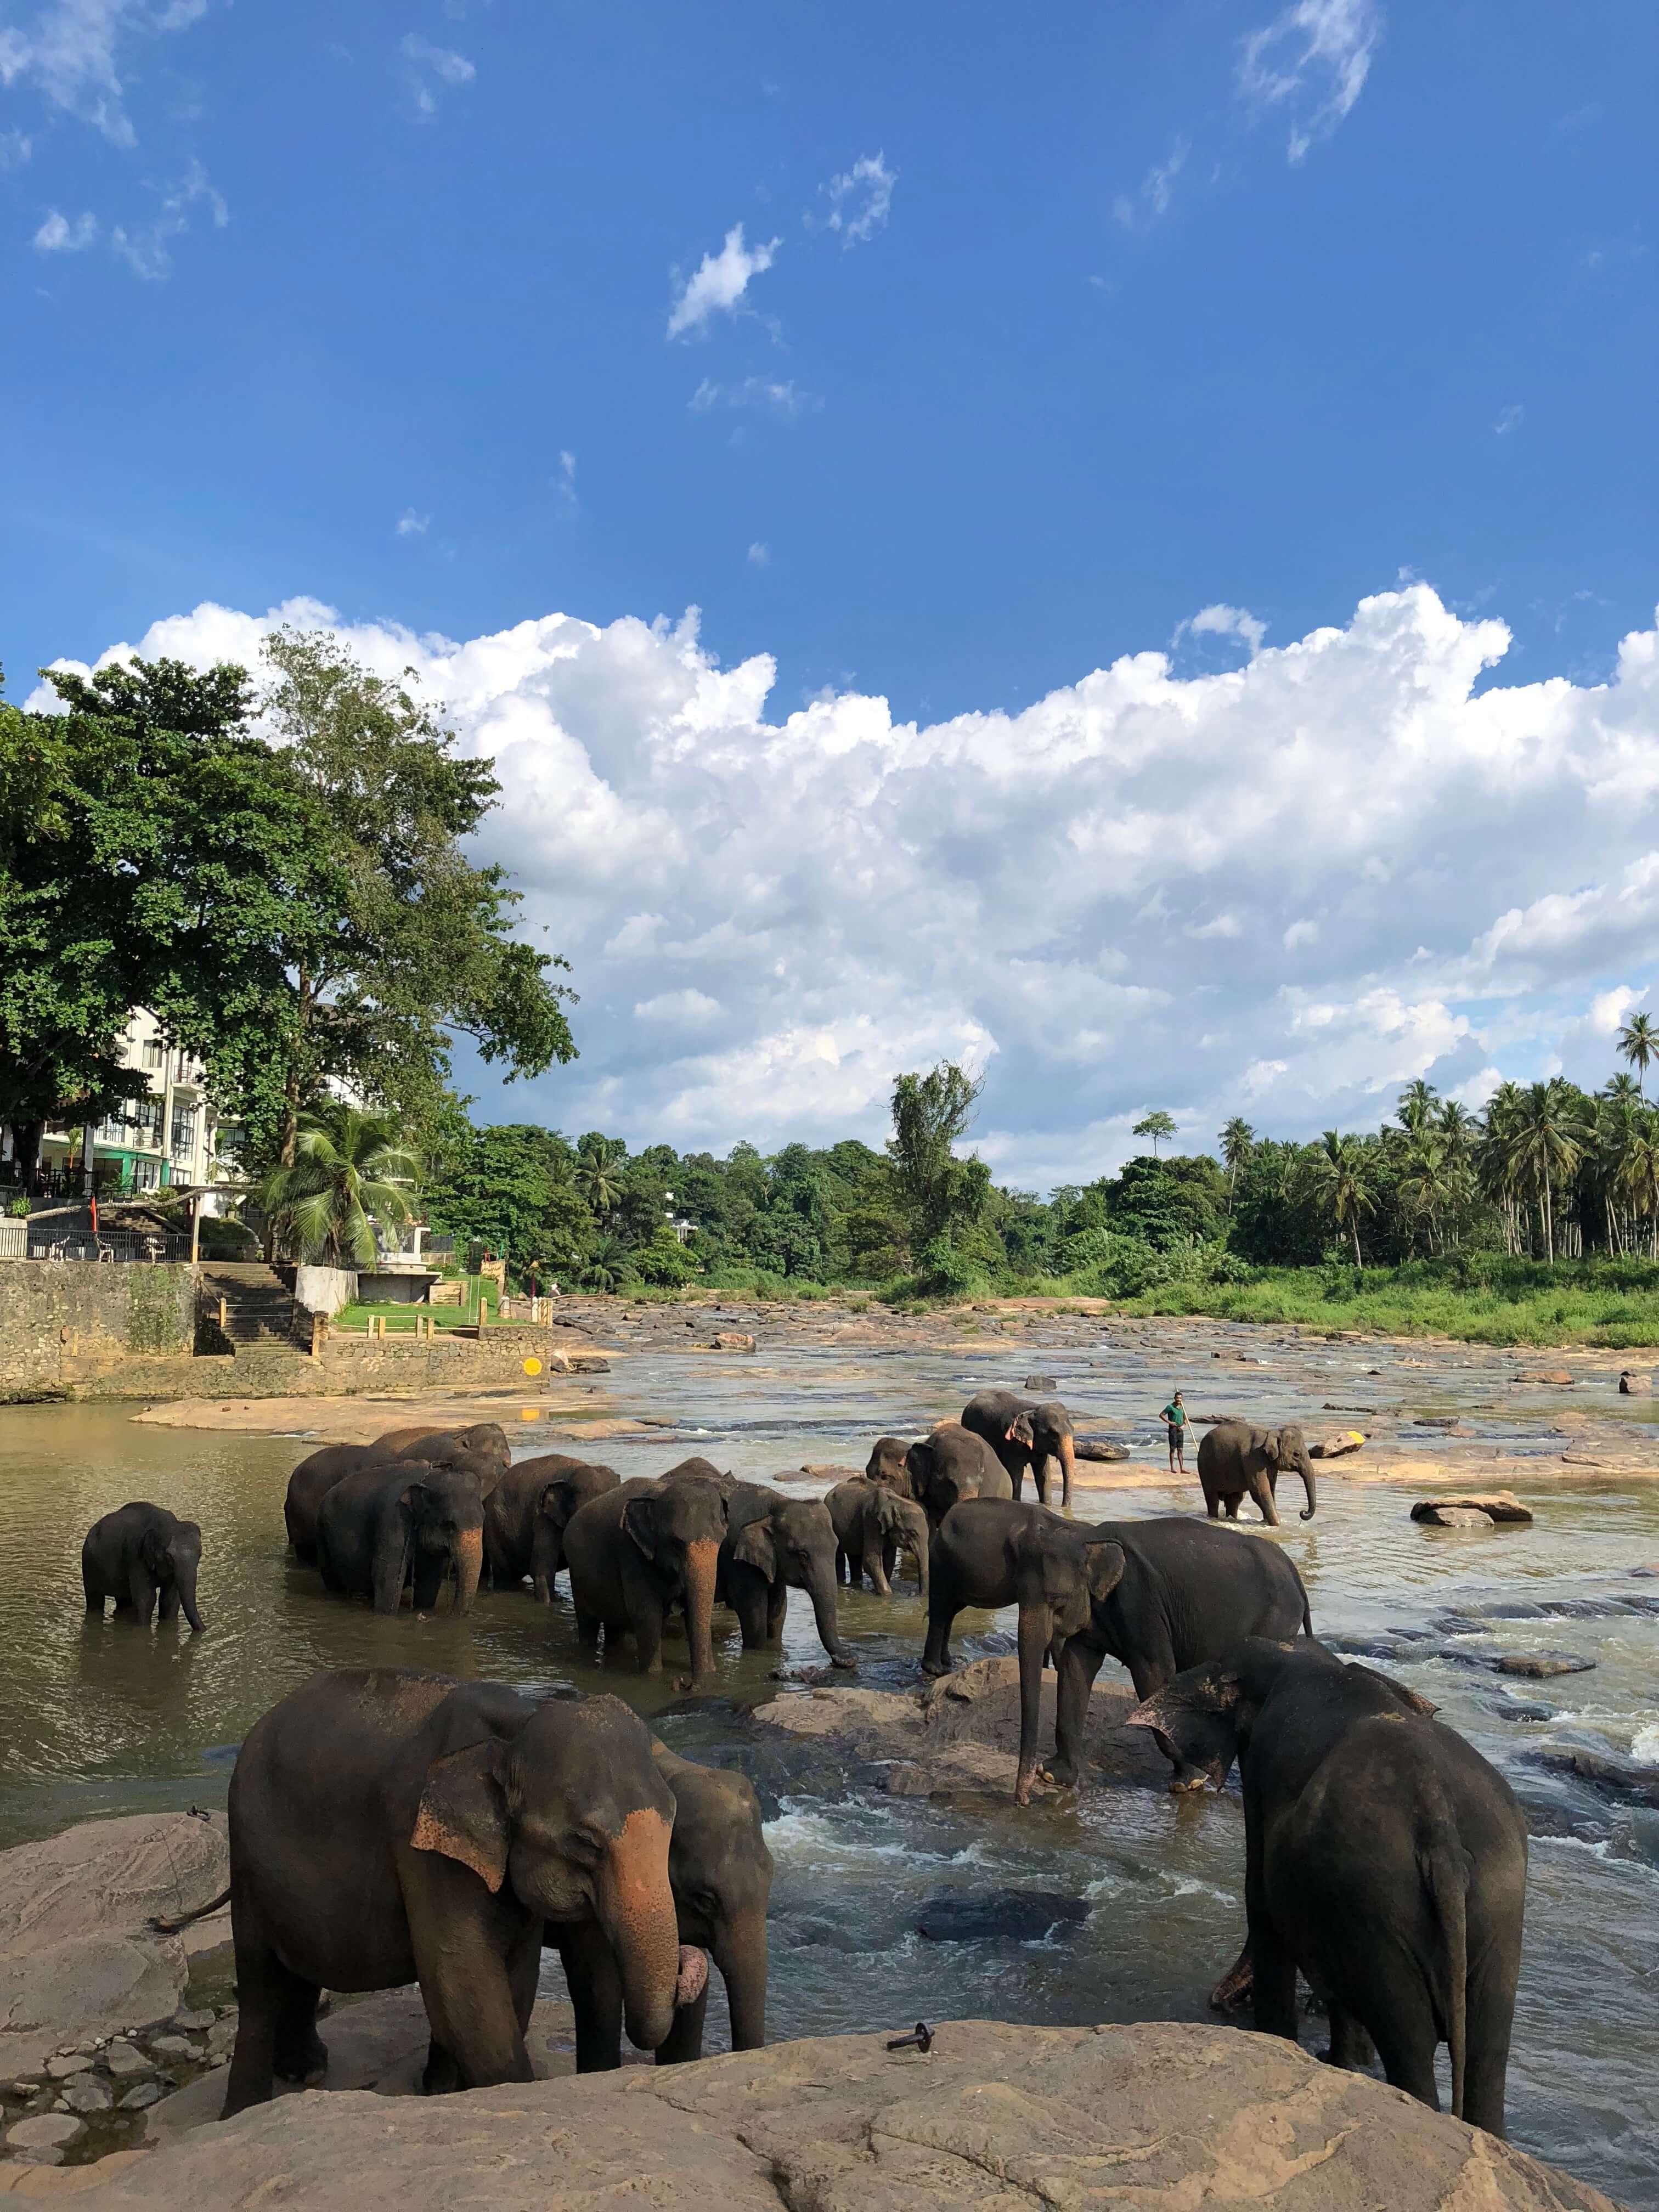 The Pinnawala Elephant Orphanage